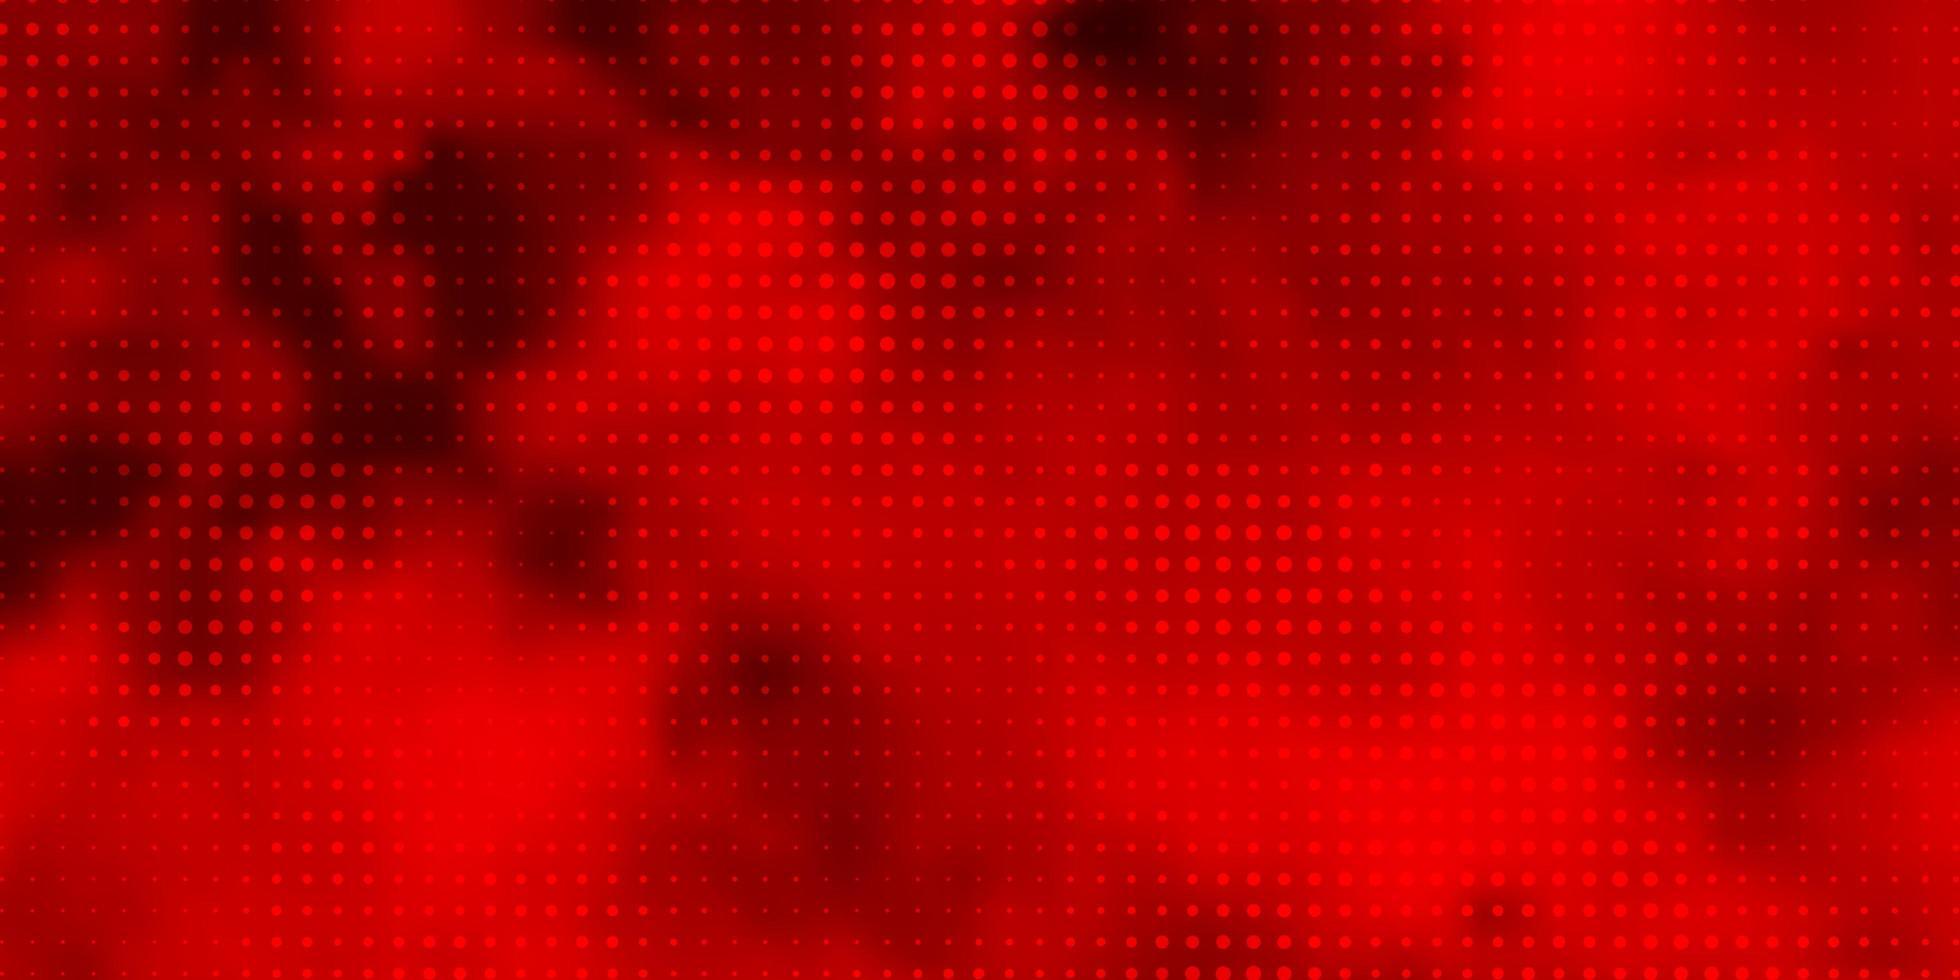 fundo vector vermelho claro com círculos.